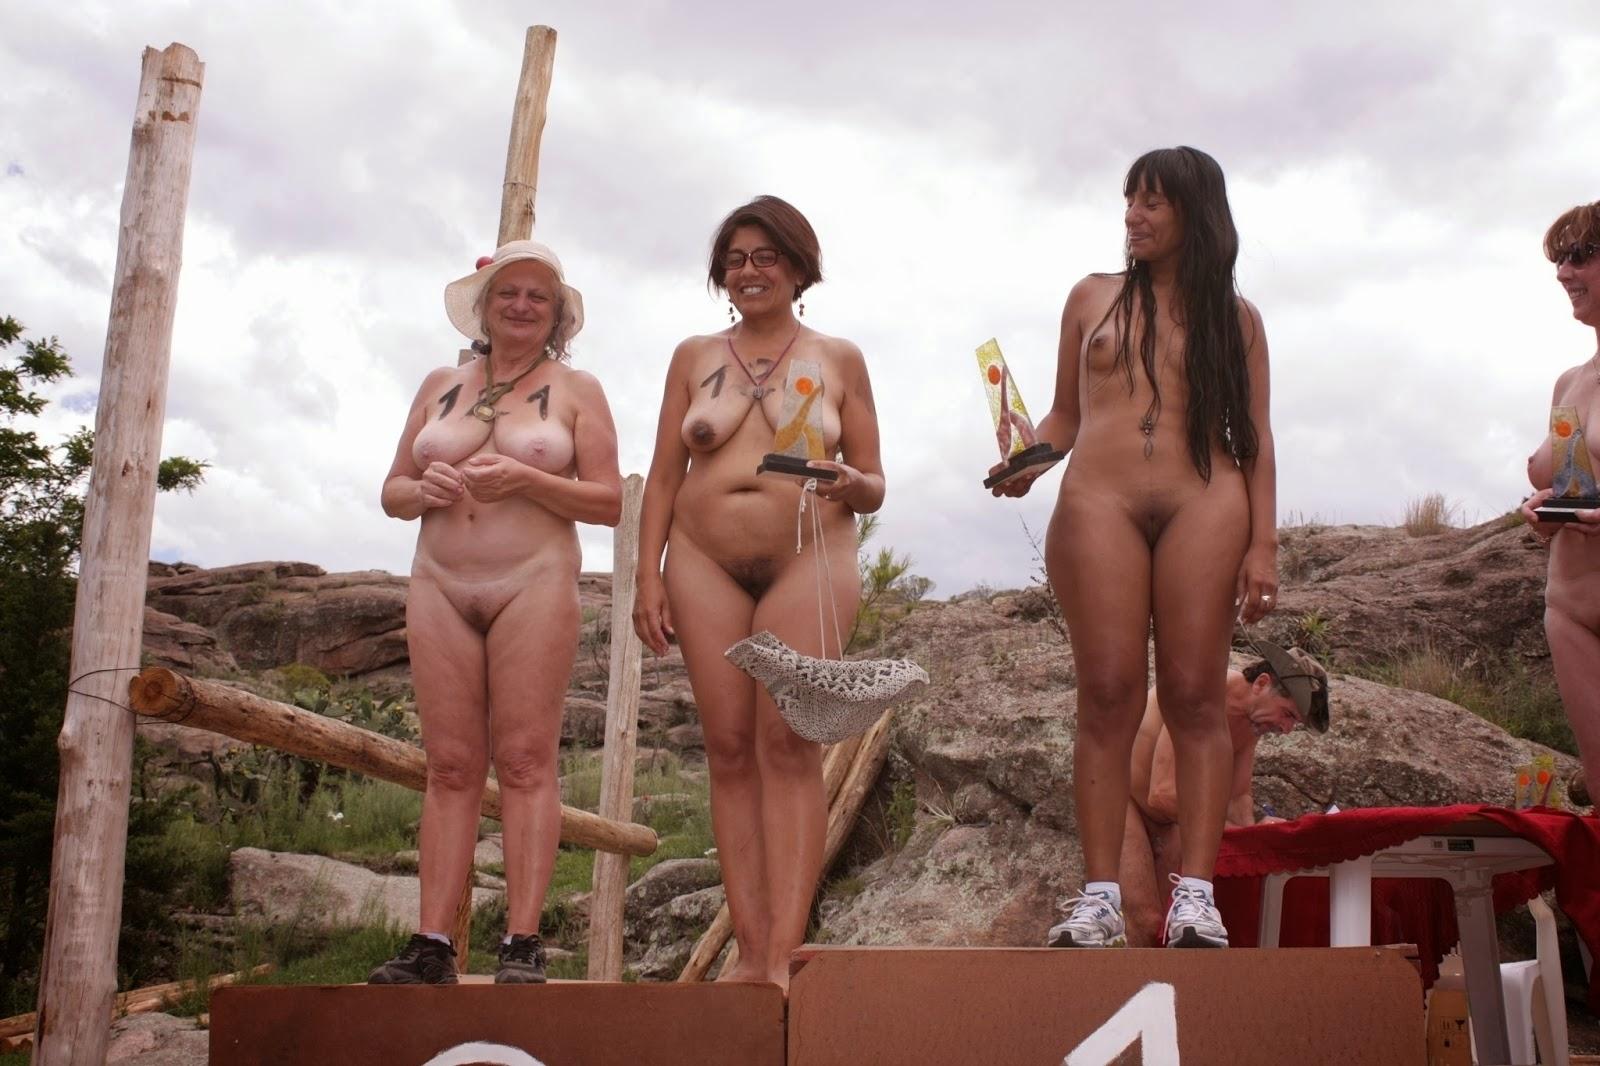 Коллекция Нудистского Видео Смотреть Онлайн / Collection Of Nudist Video Watch Online